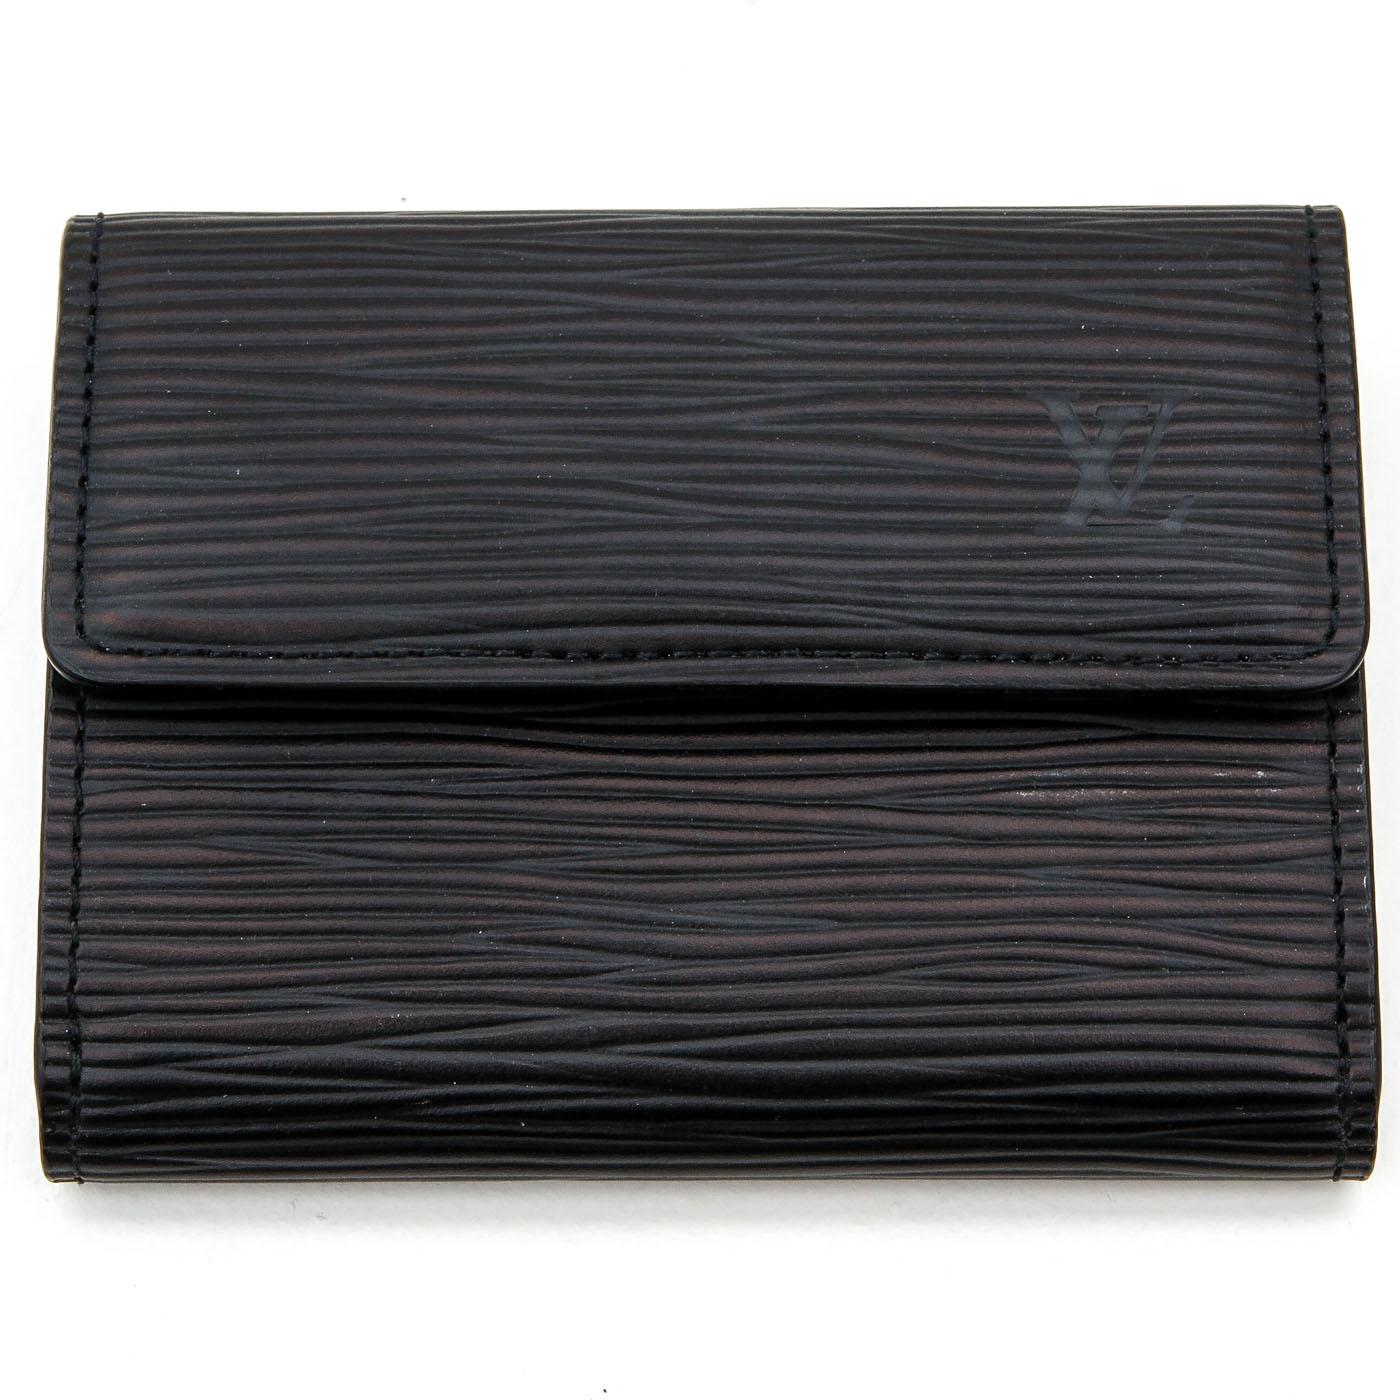 Lot 1271 - A Louis Vuitton Epi Leather Wallet